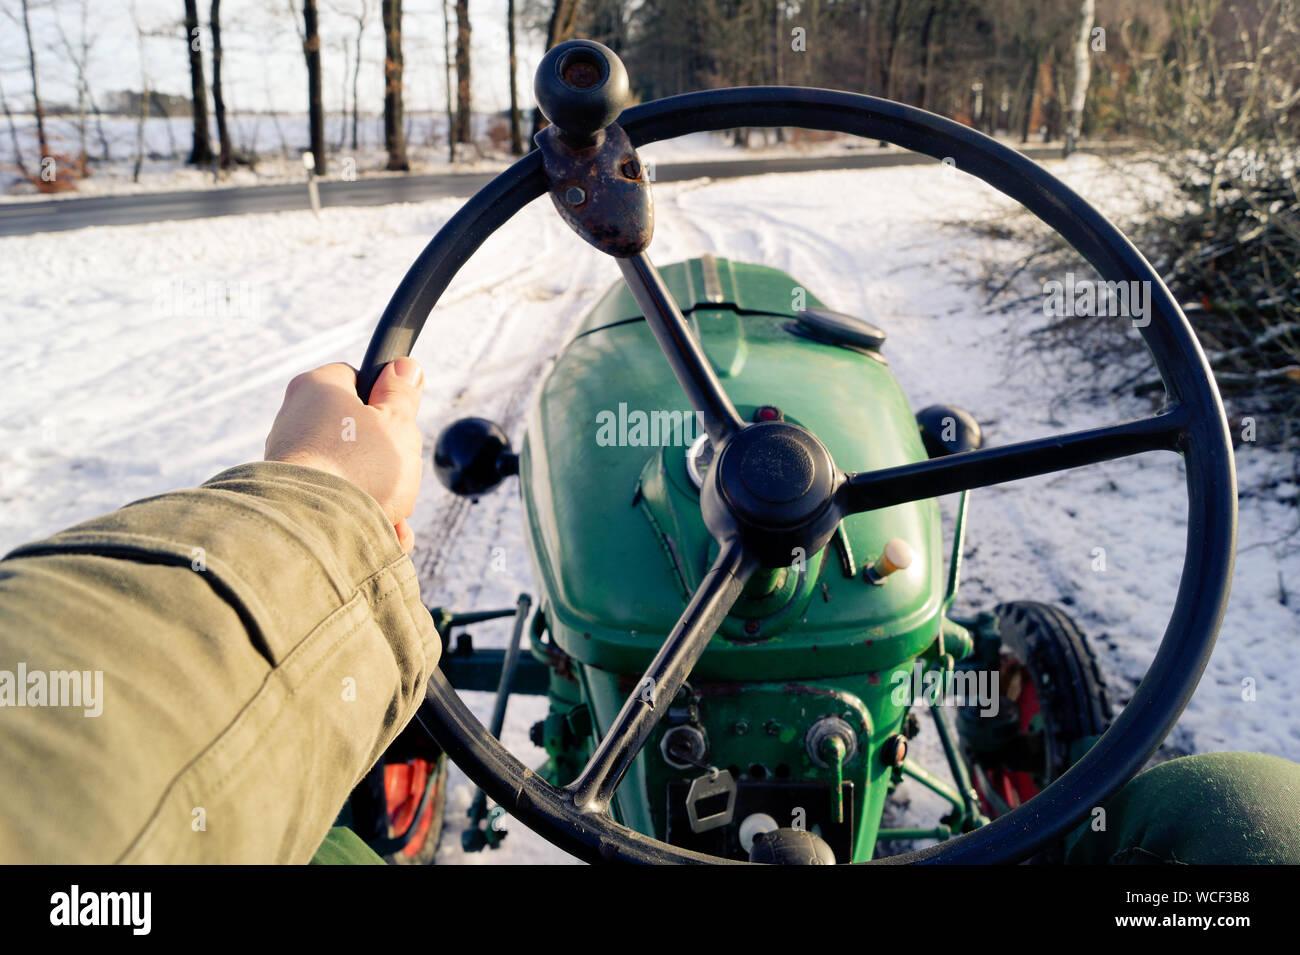 Portrait de la personne conduisant le tracteur sur la route couverte de neige pendant l'hiver Banque D'Images